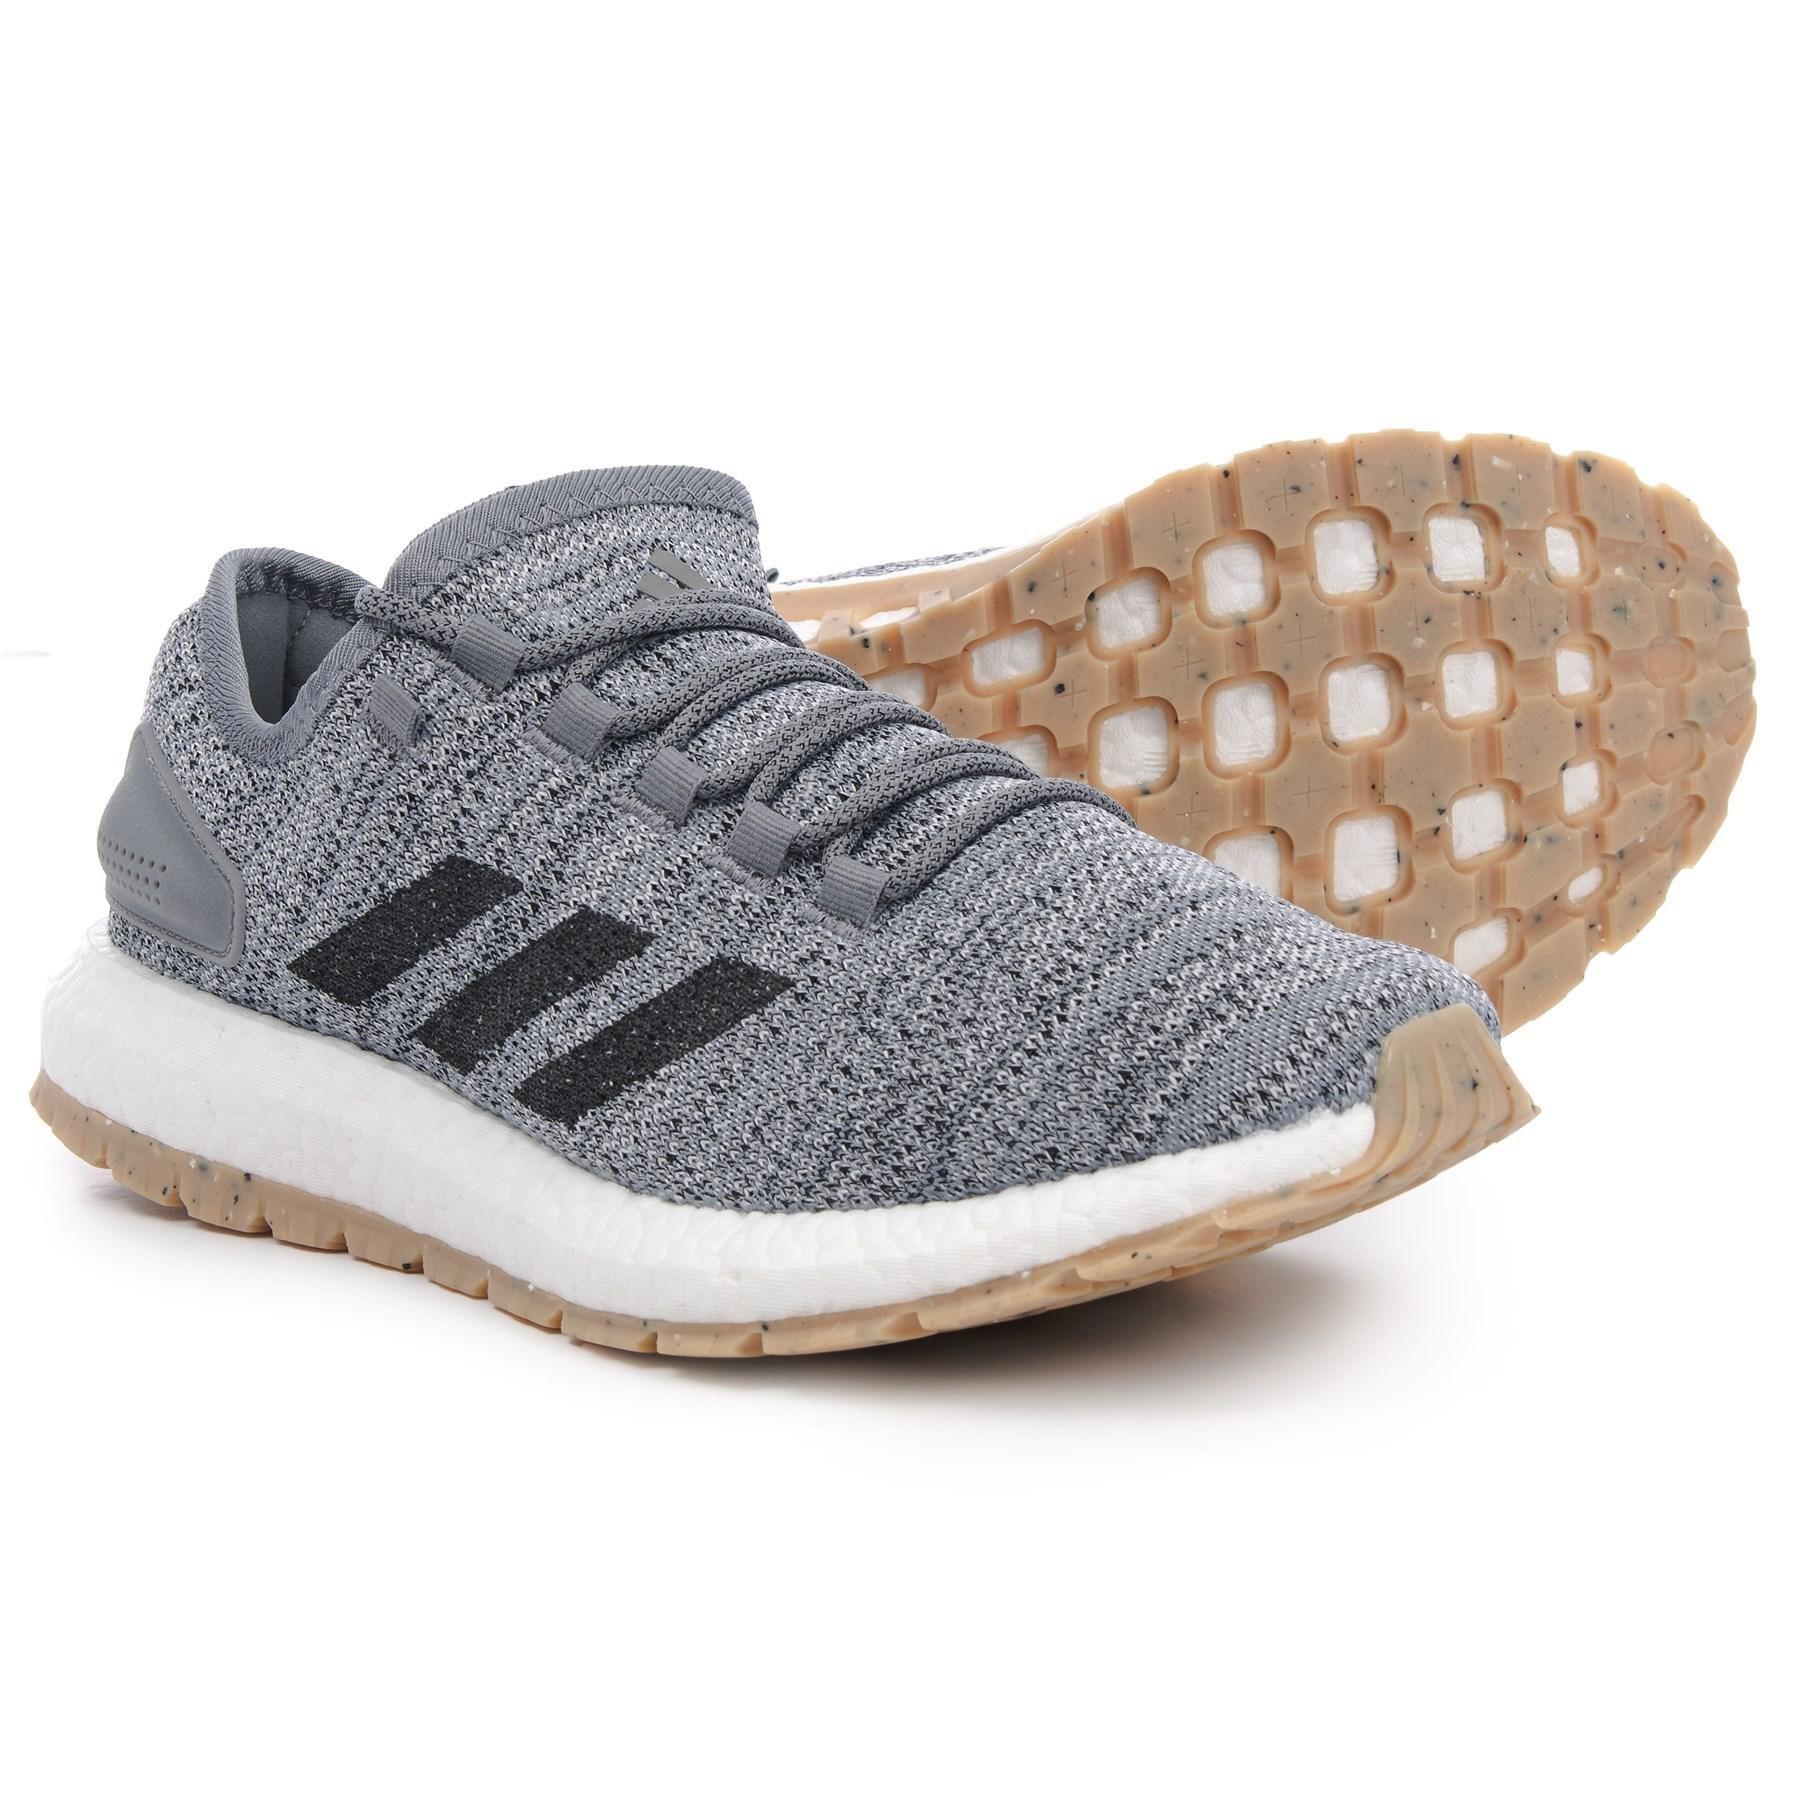 Terrain Trail Running Shoes